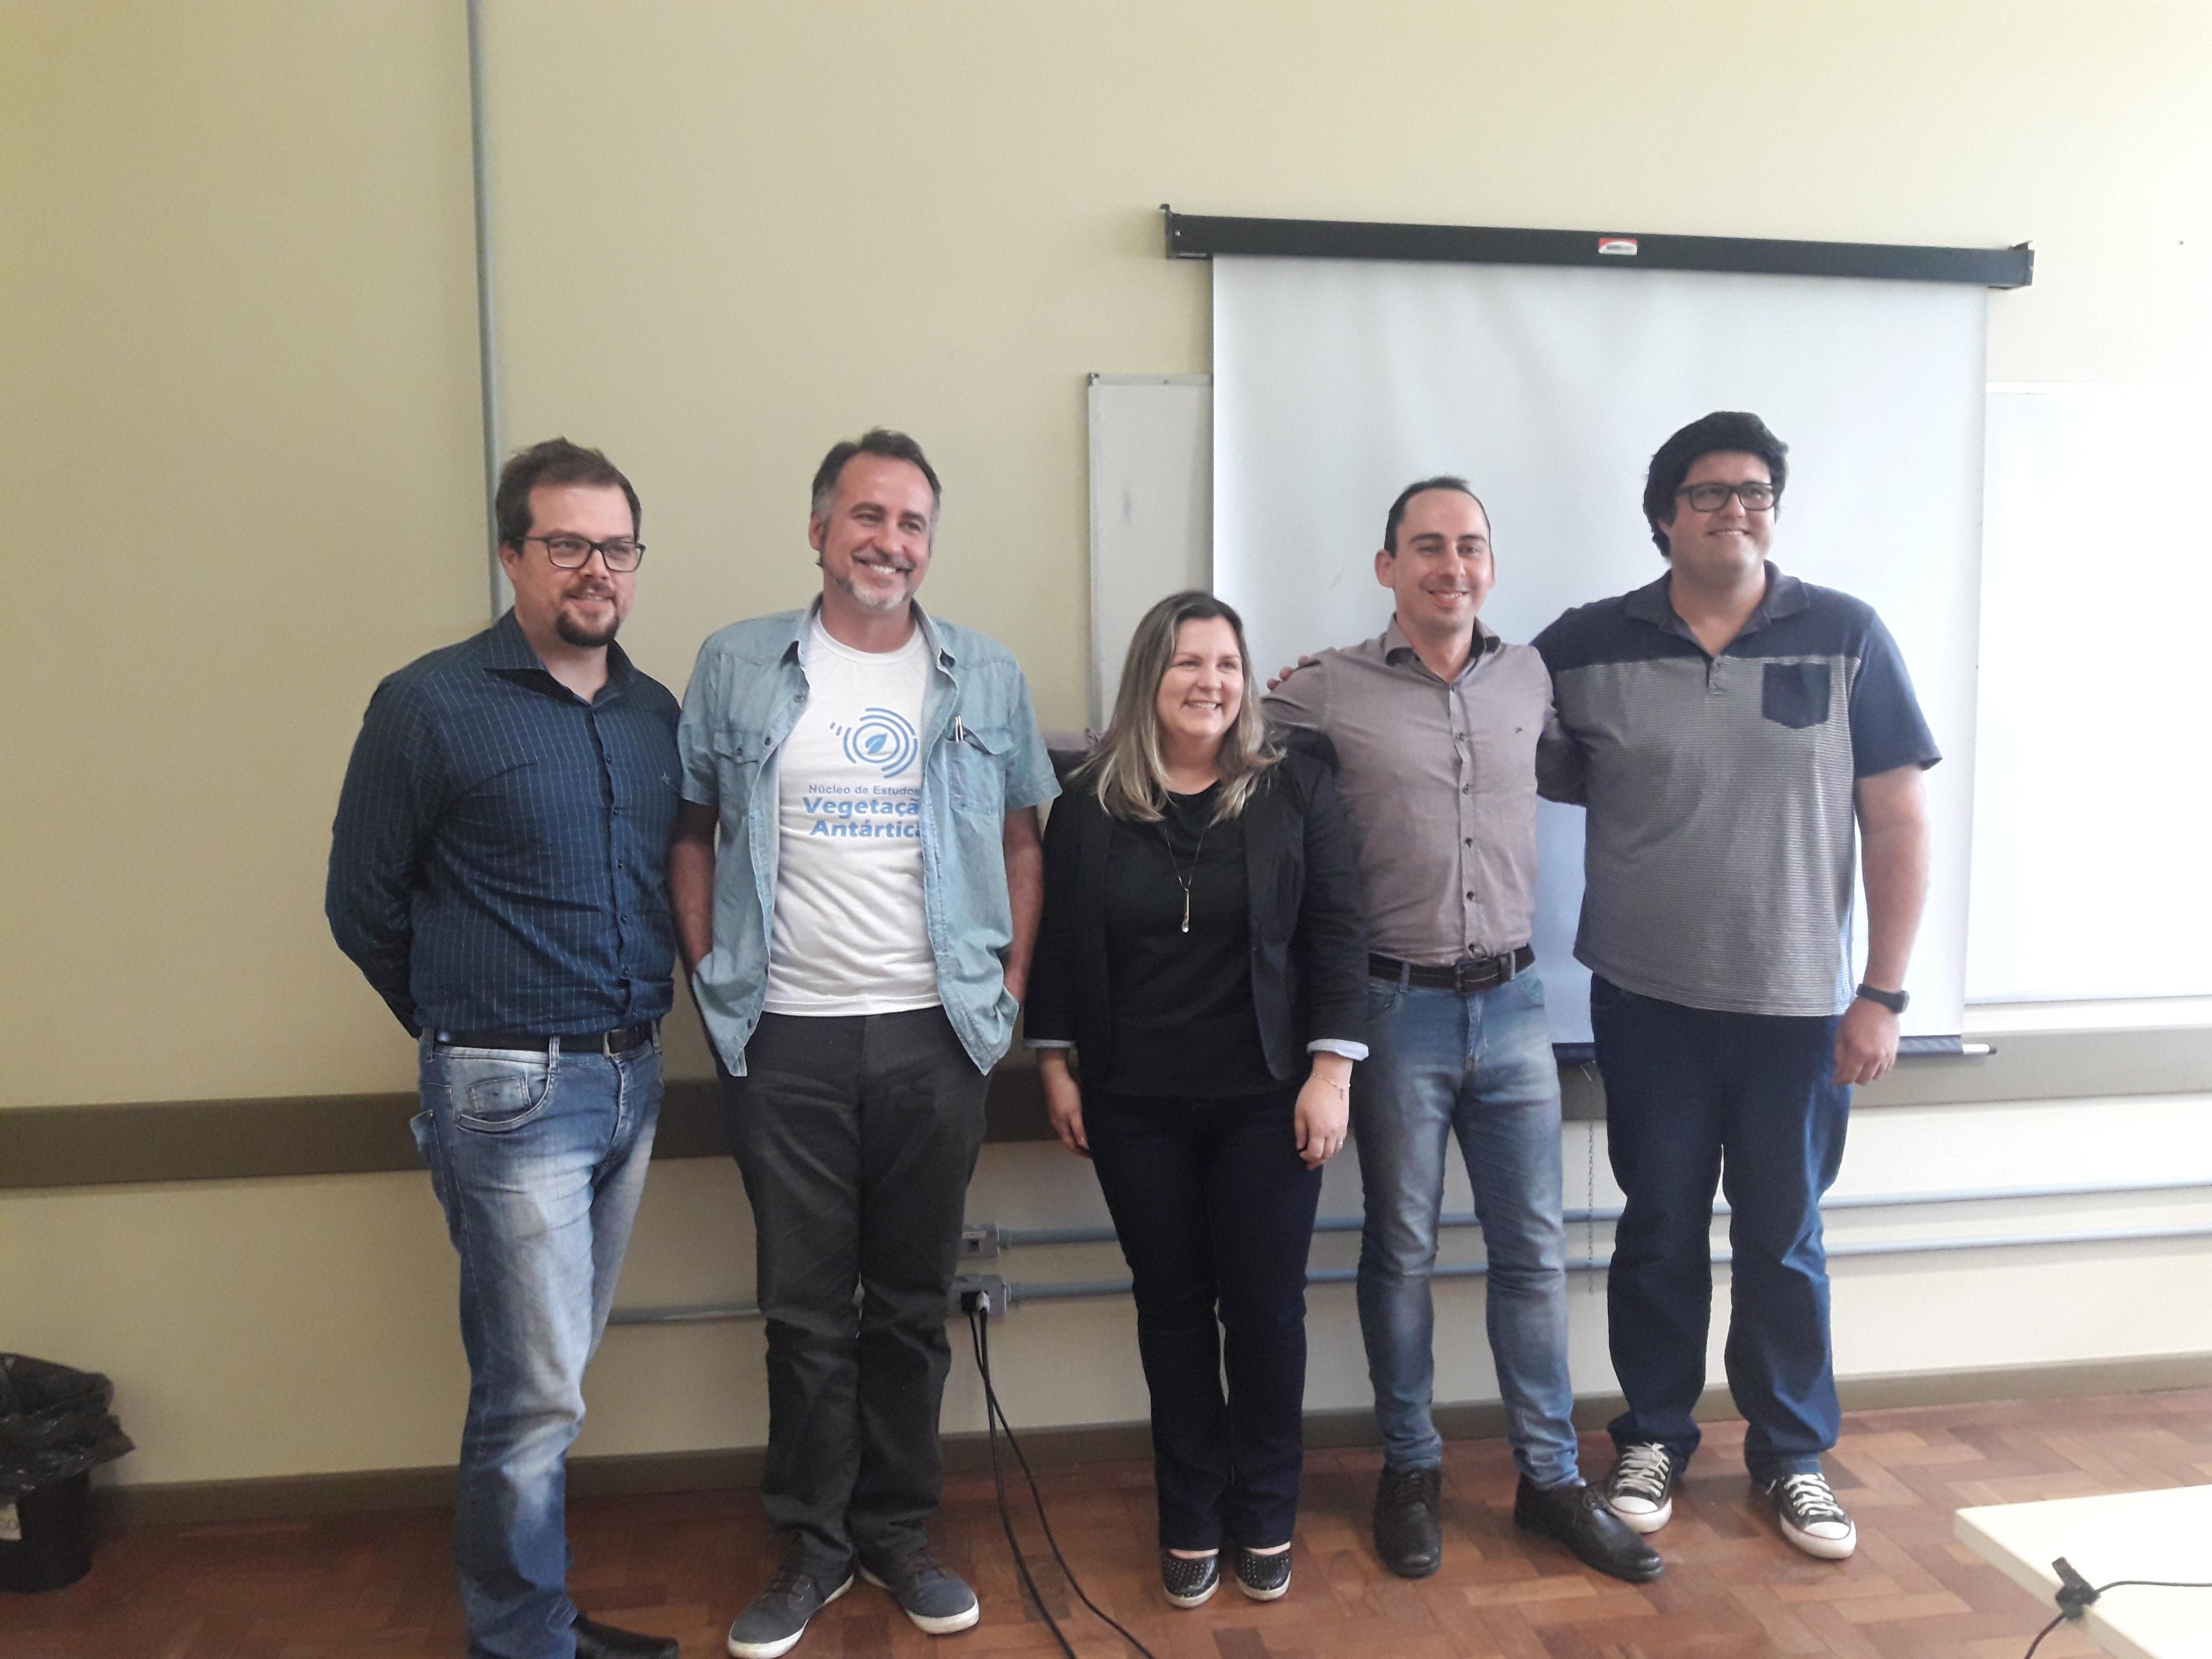 Da esquerda para direita,  Juliano Boldo, Filipe Victoria, Adriana Sassi, Dennis Costa e Jeferson Franco no dia da defesa